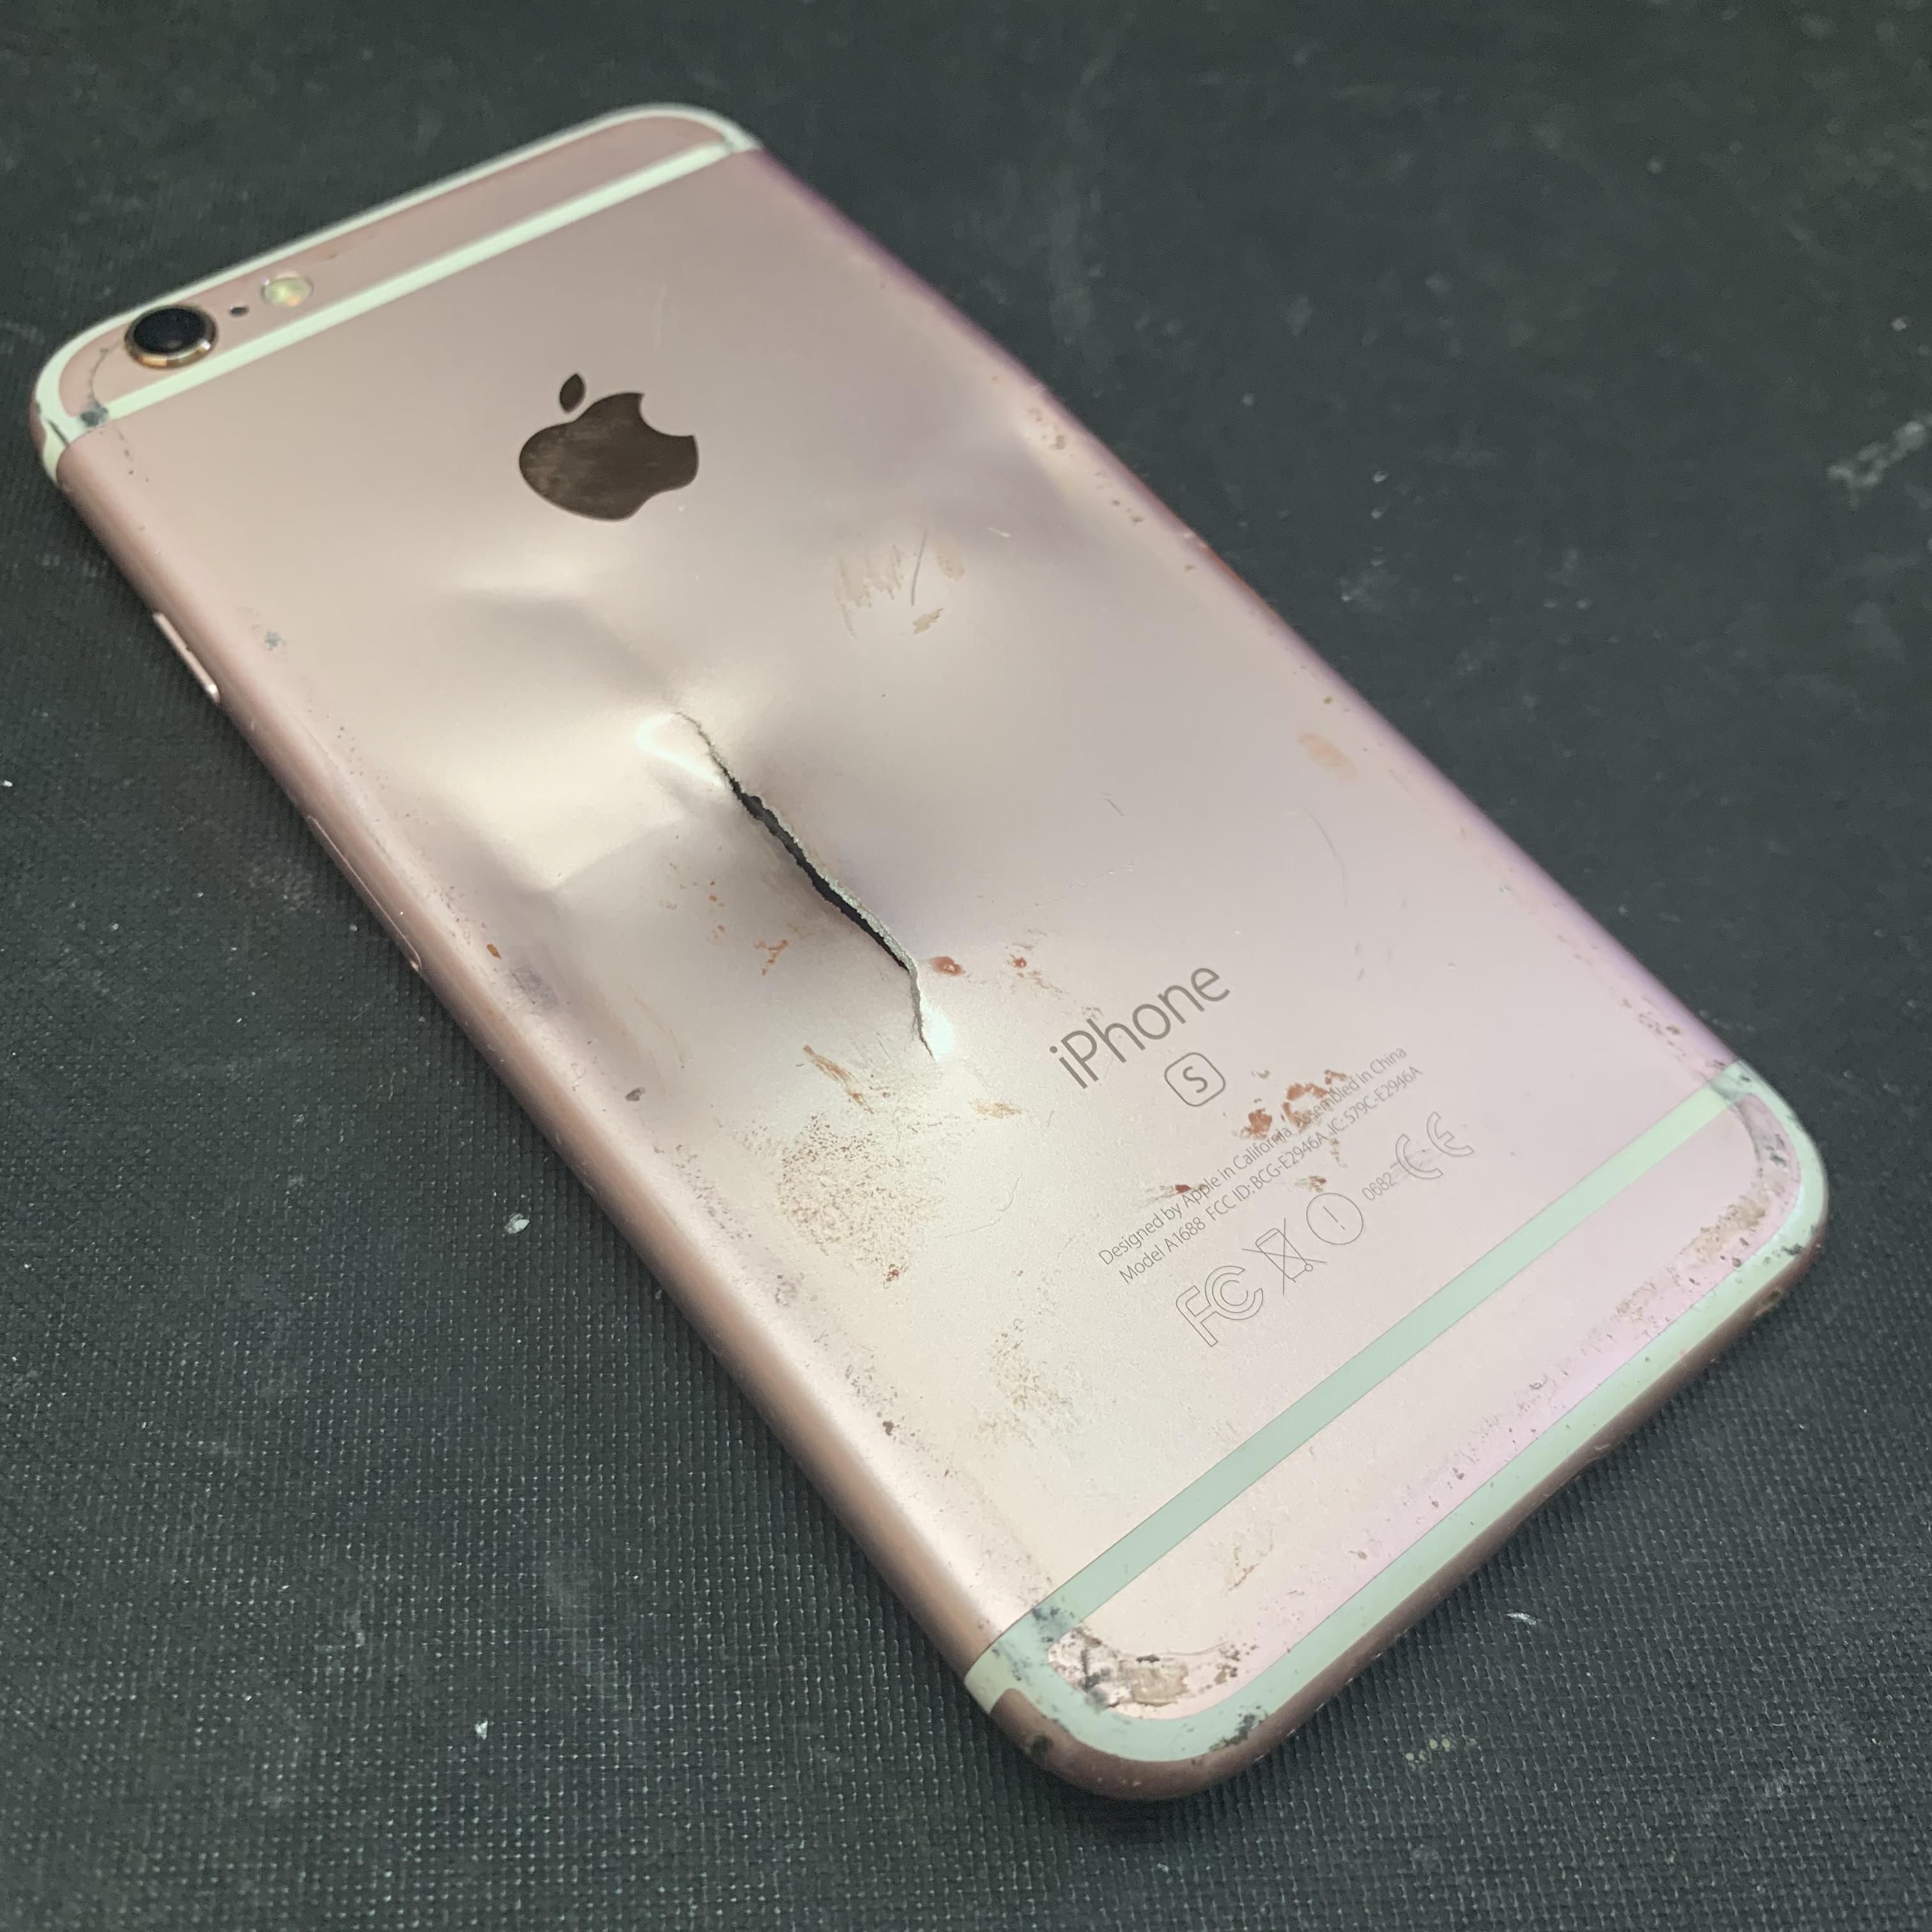 大破したiPhone6Sの裏面